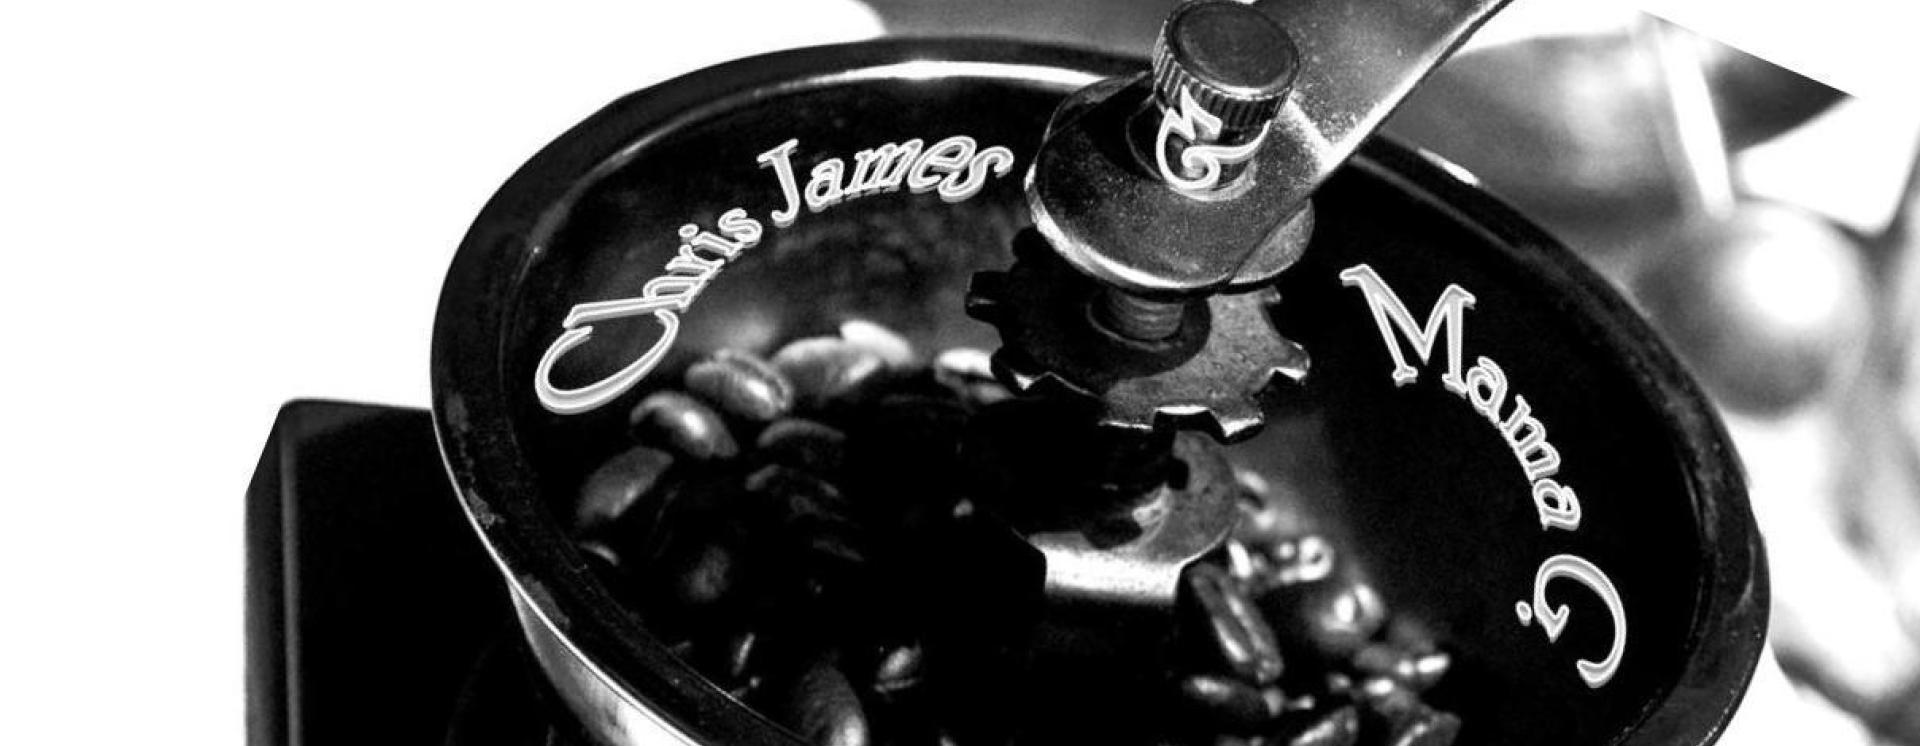 1391382921 cjmg coffee grinder3 copy